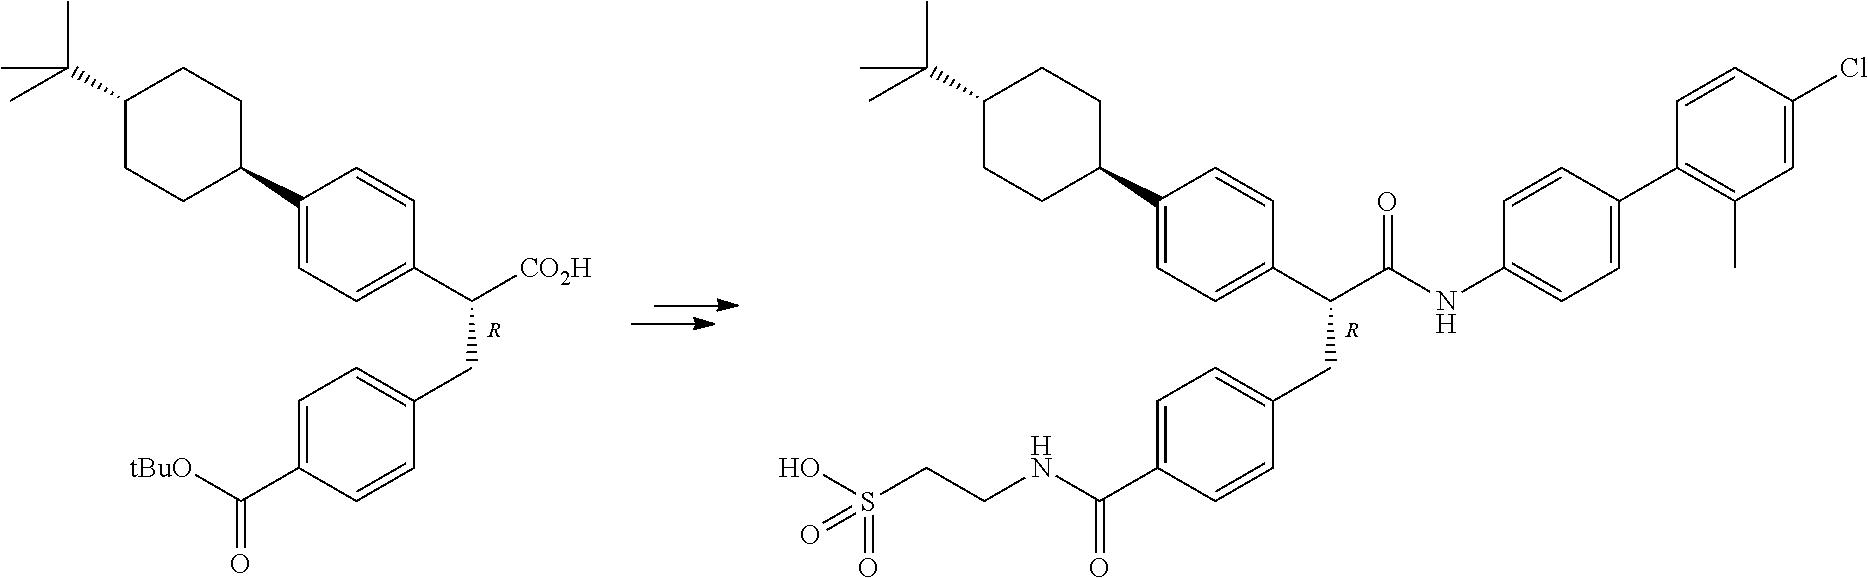 Figure US09783494-20171010-C00200